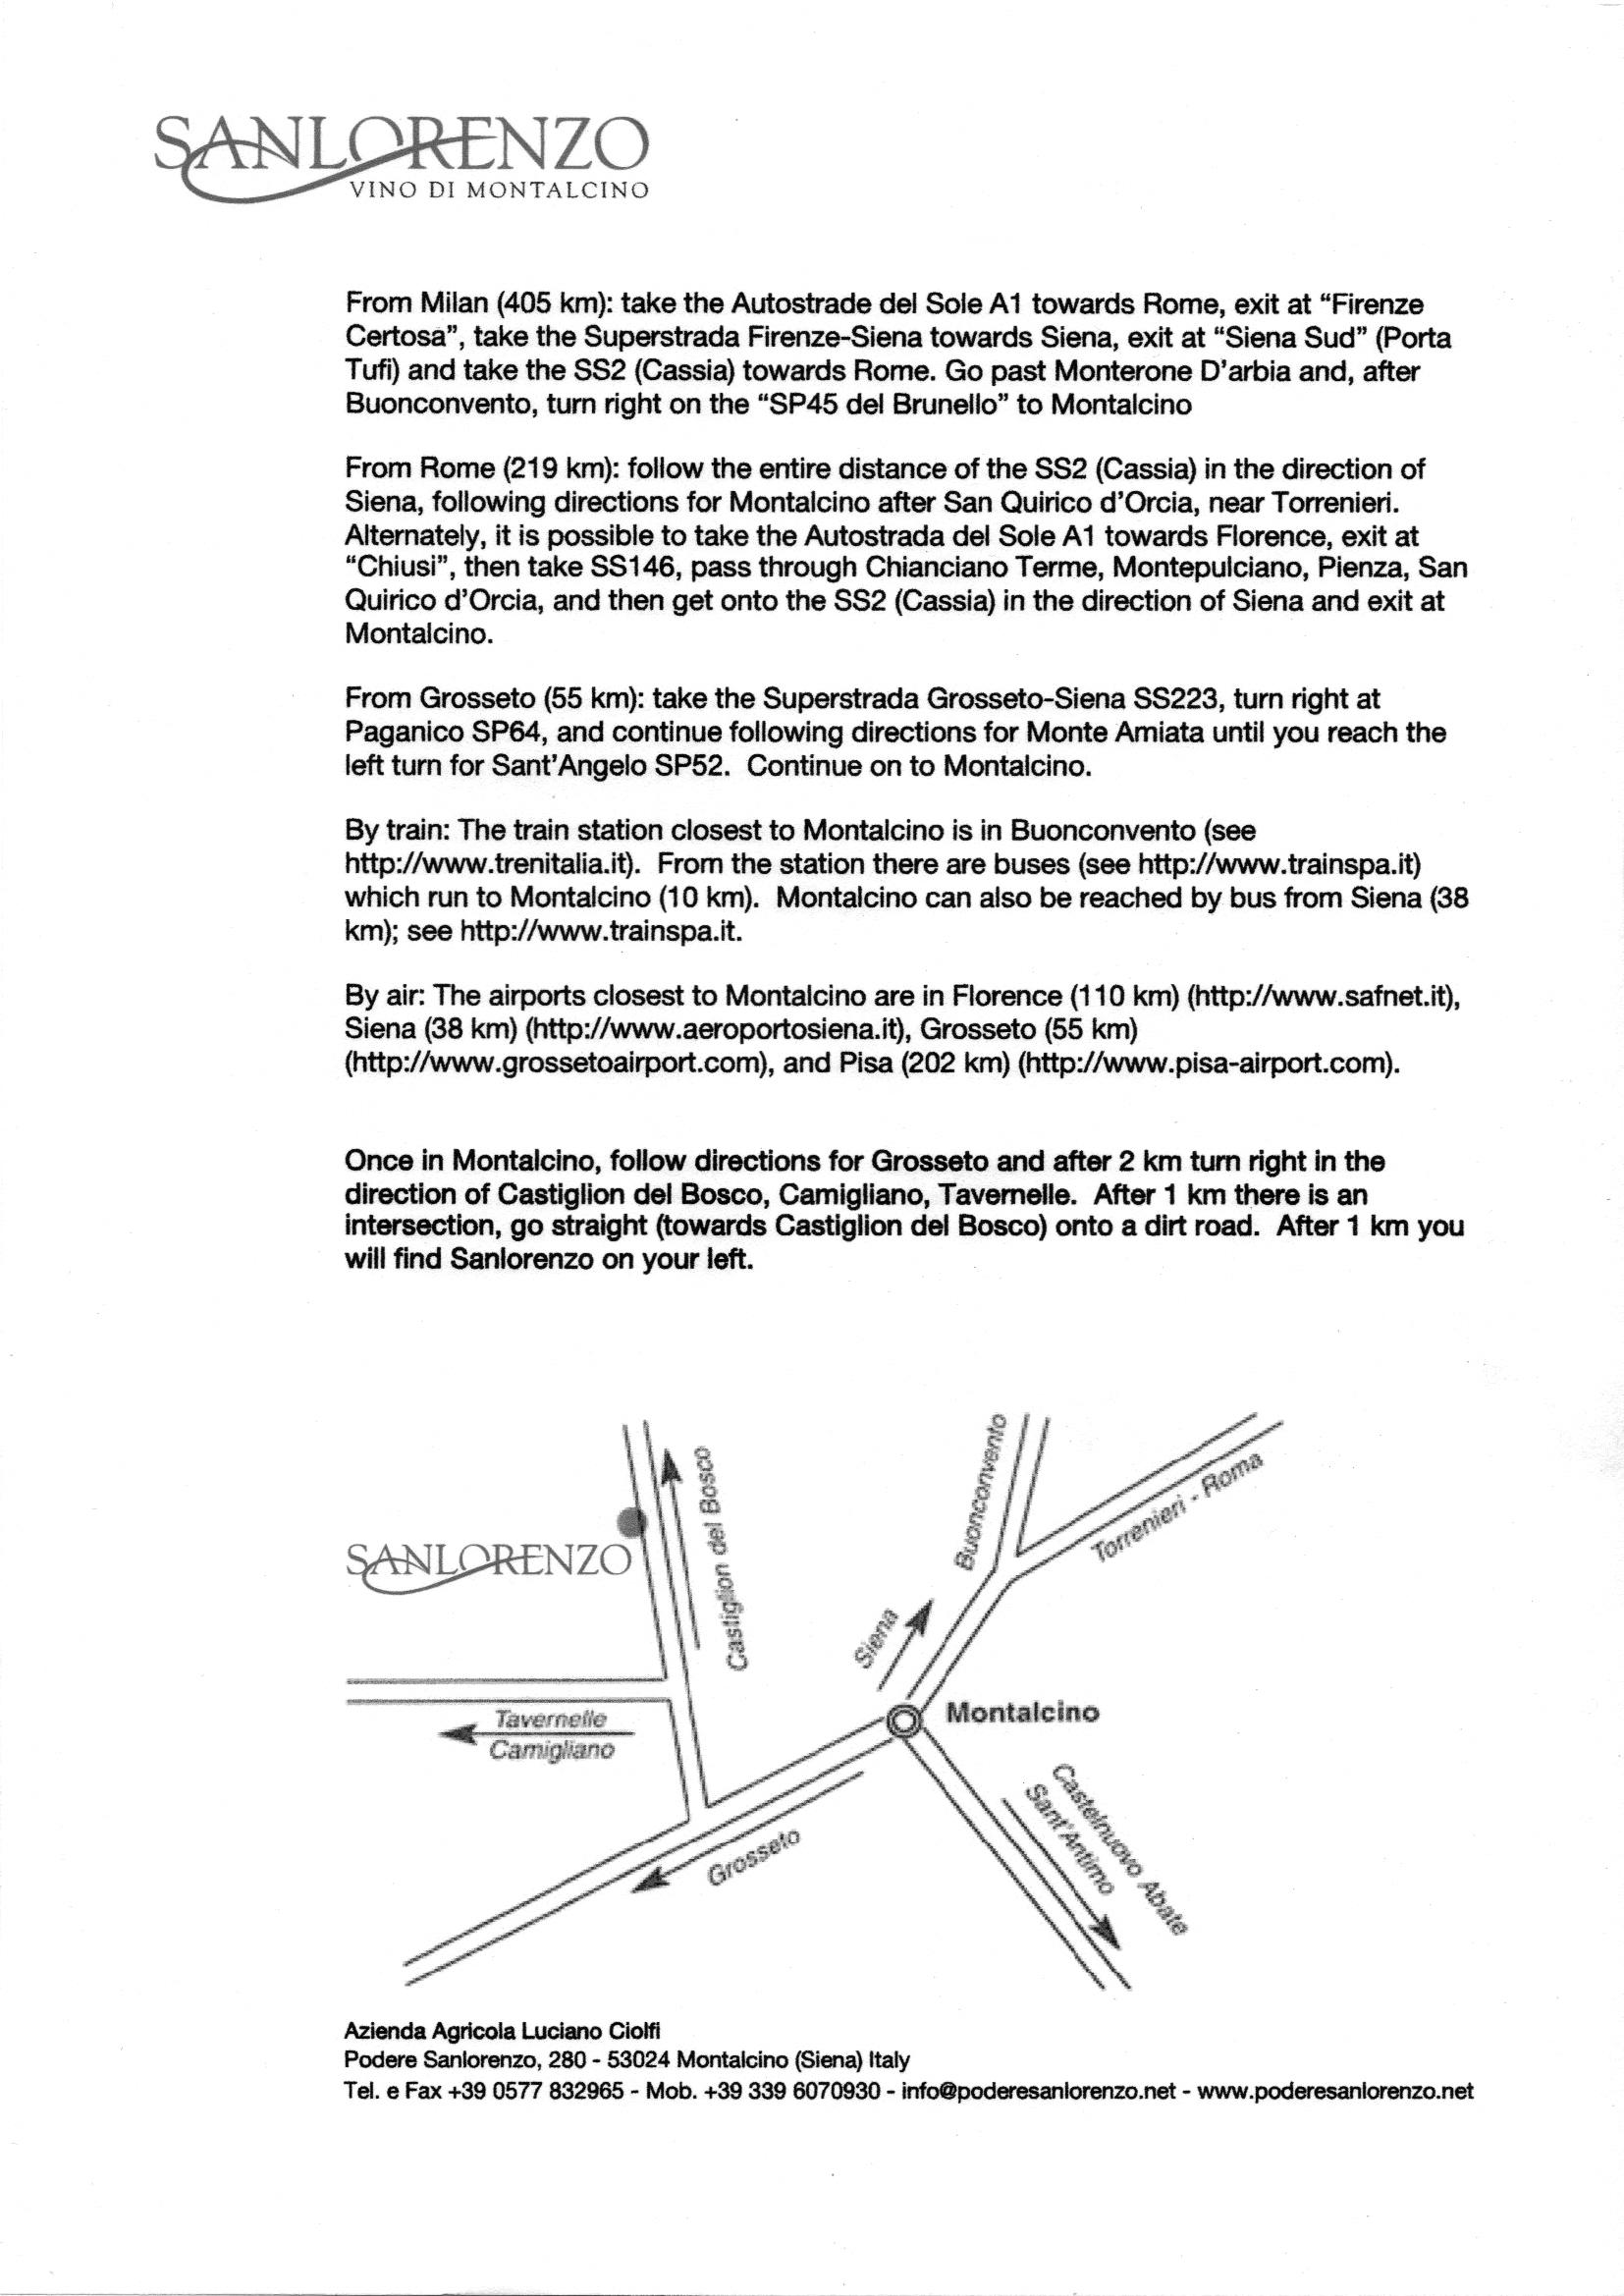 mappa con indicazioni in inglese